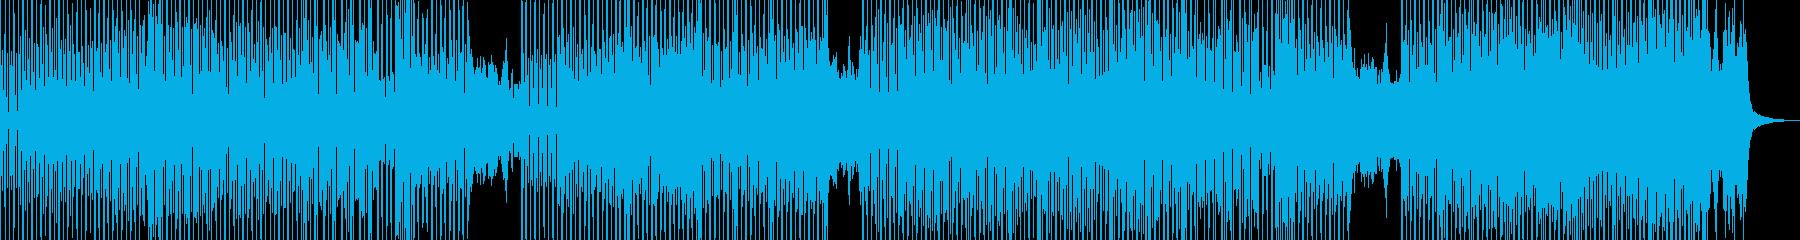 不気味可愛いハロウィン調テクノポップ Cの再生済みの波形